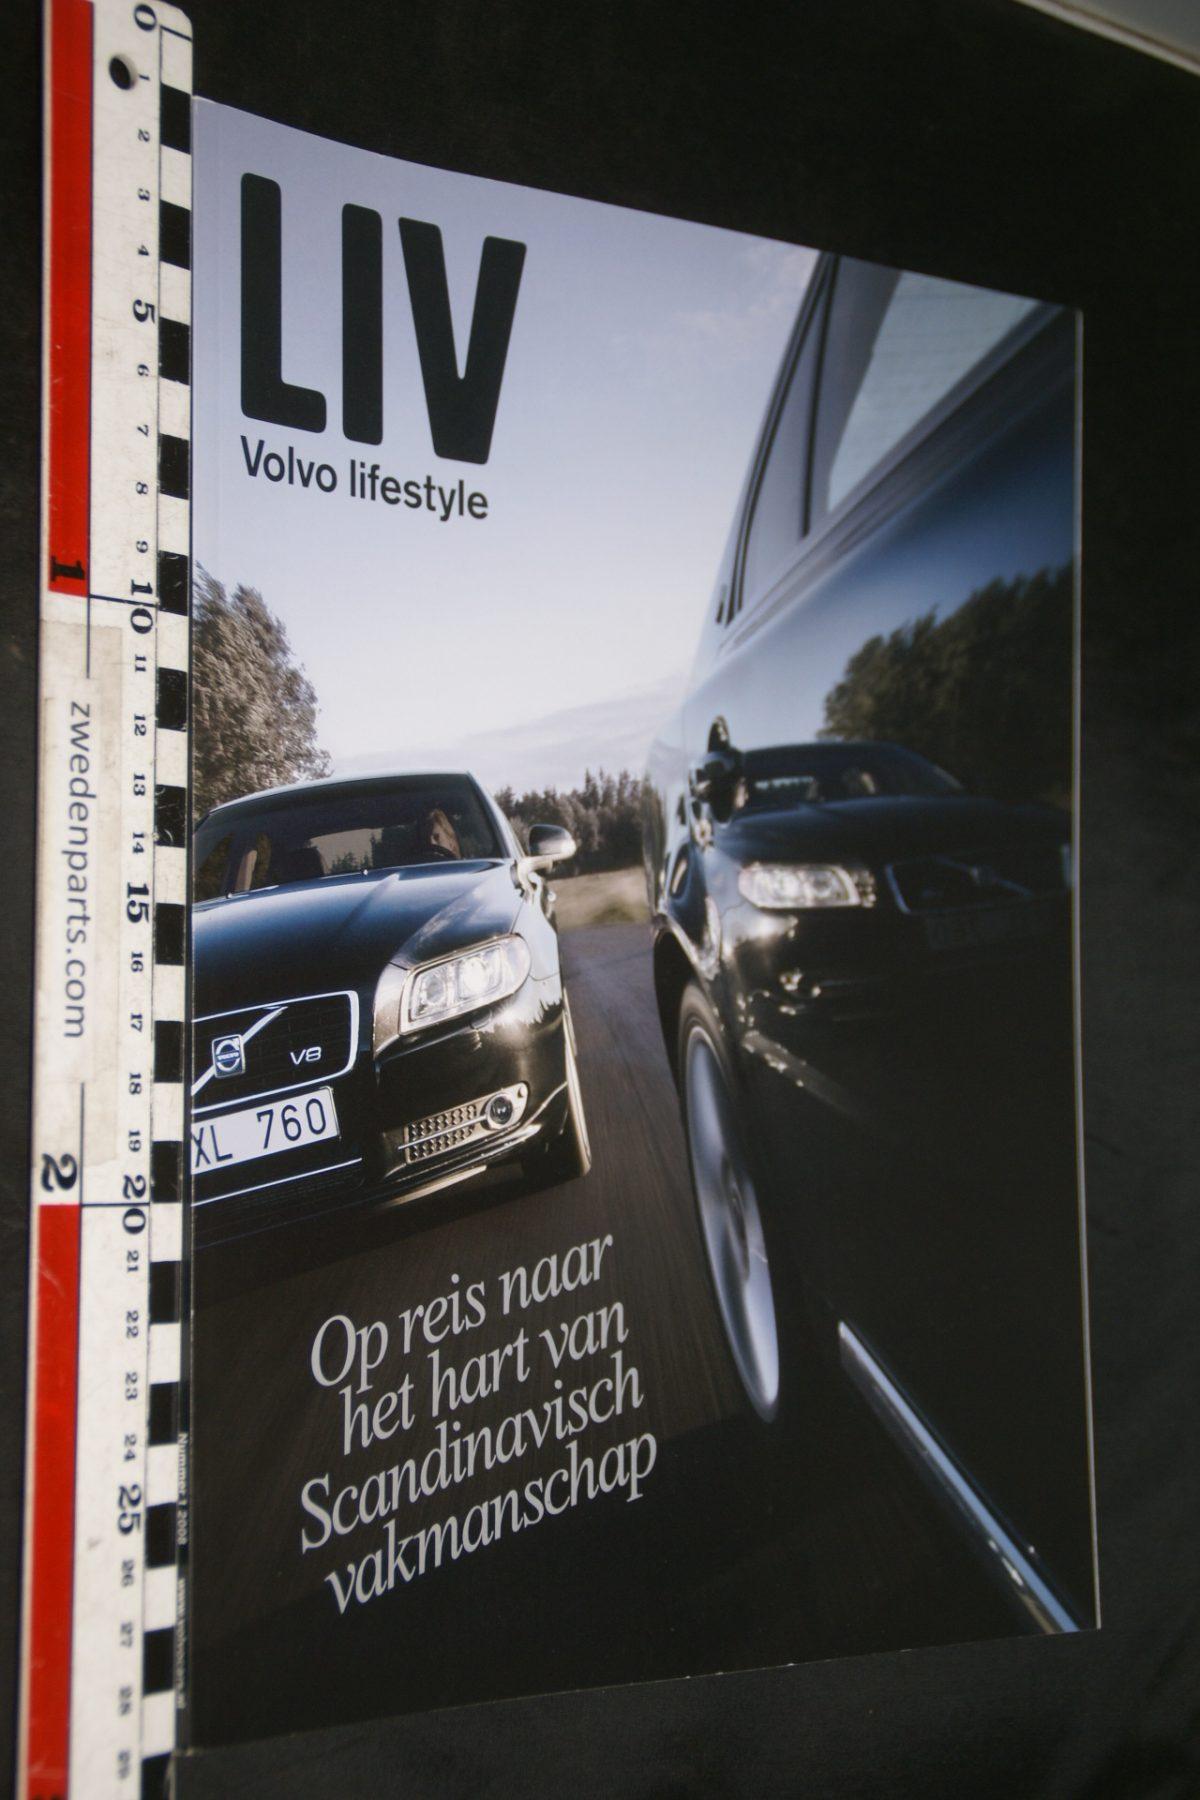 DSC05121 2008 tijdschrift Volvo LIV nr 1